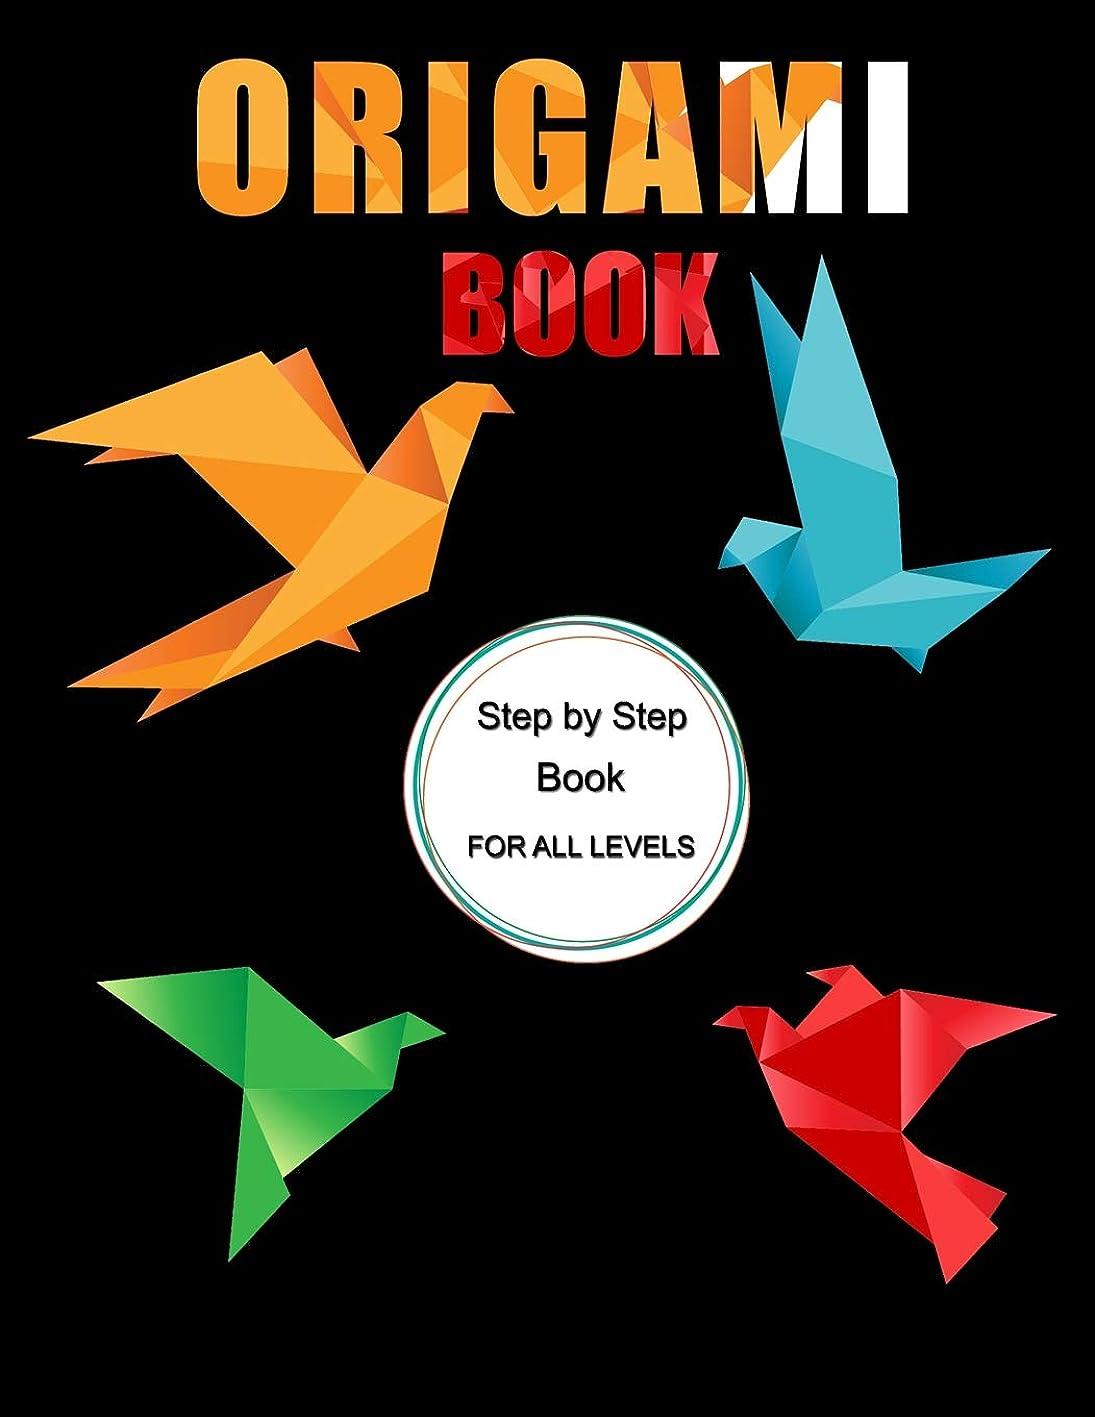 探偵衝突する電話するOrigami Book: Step by Step Book for All Levels, Includes Fun Projects, Great for Both Kids and Adults